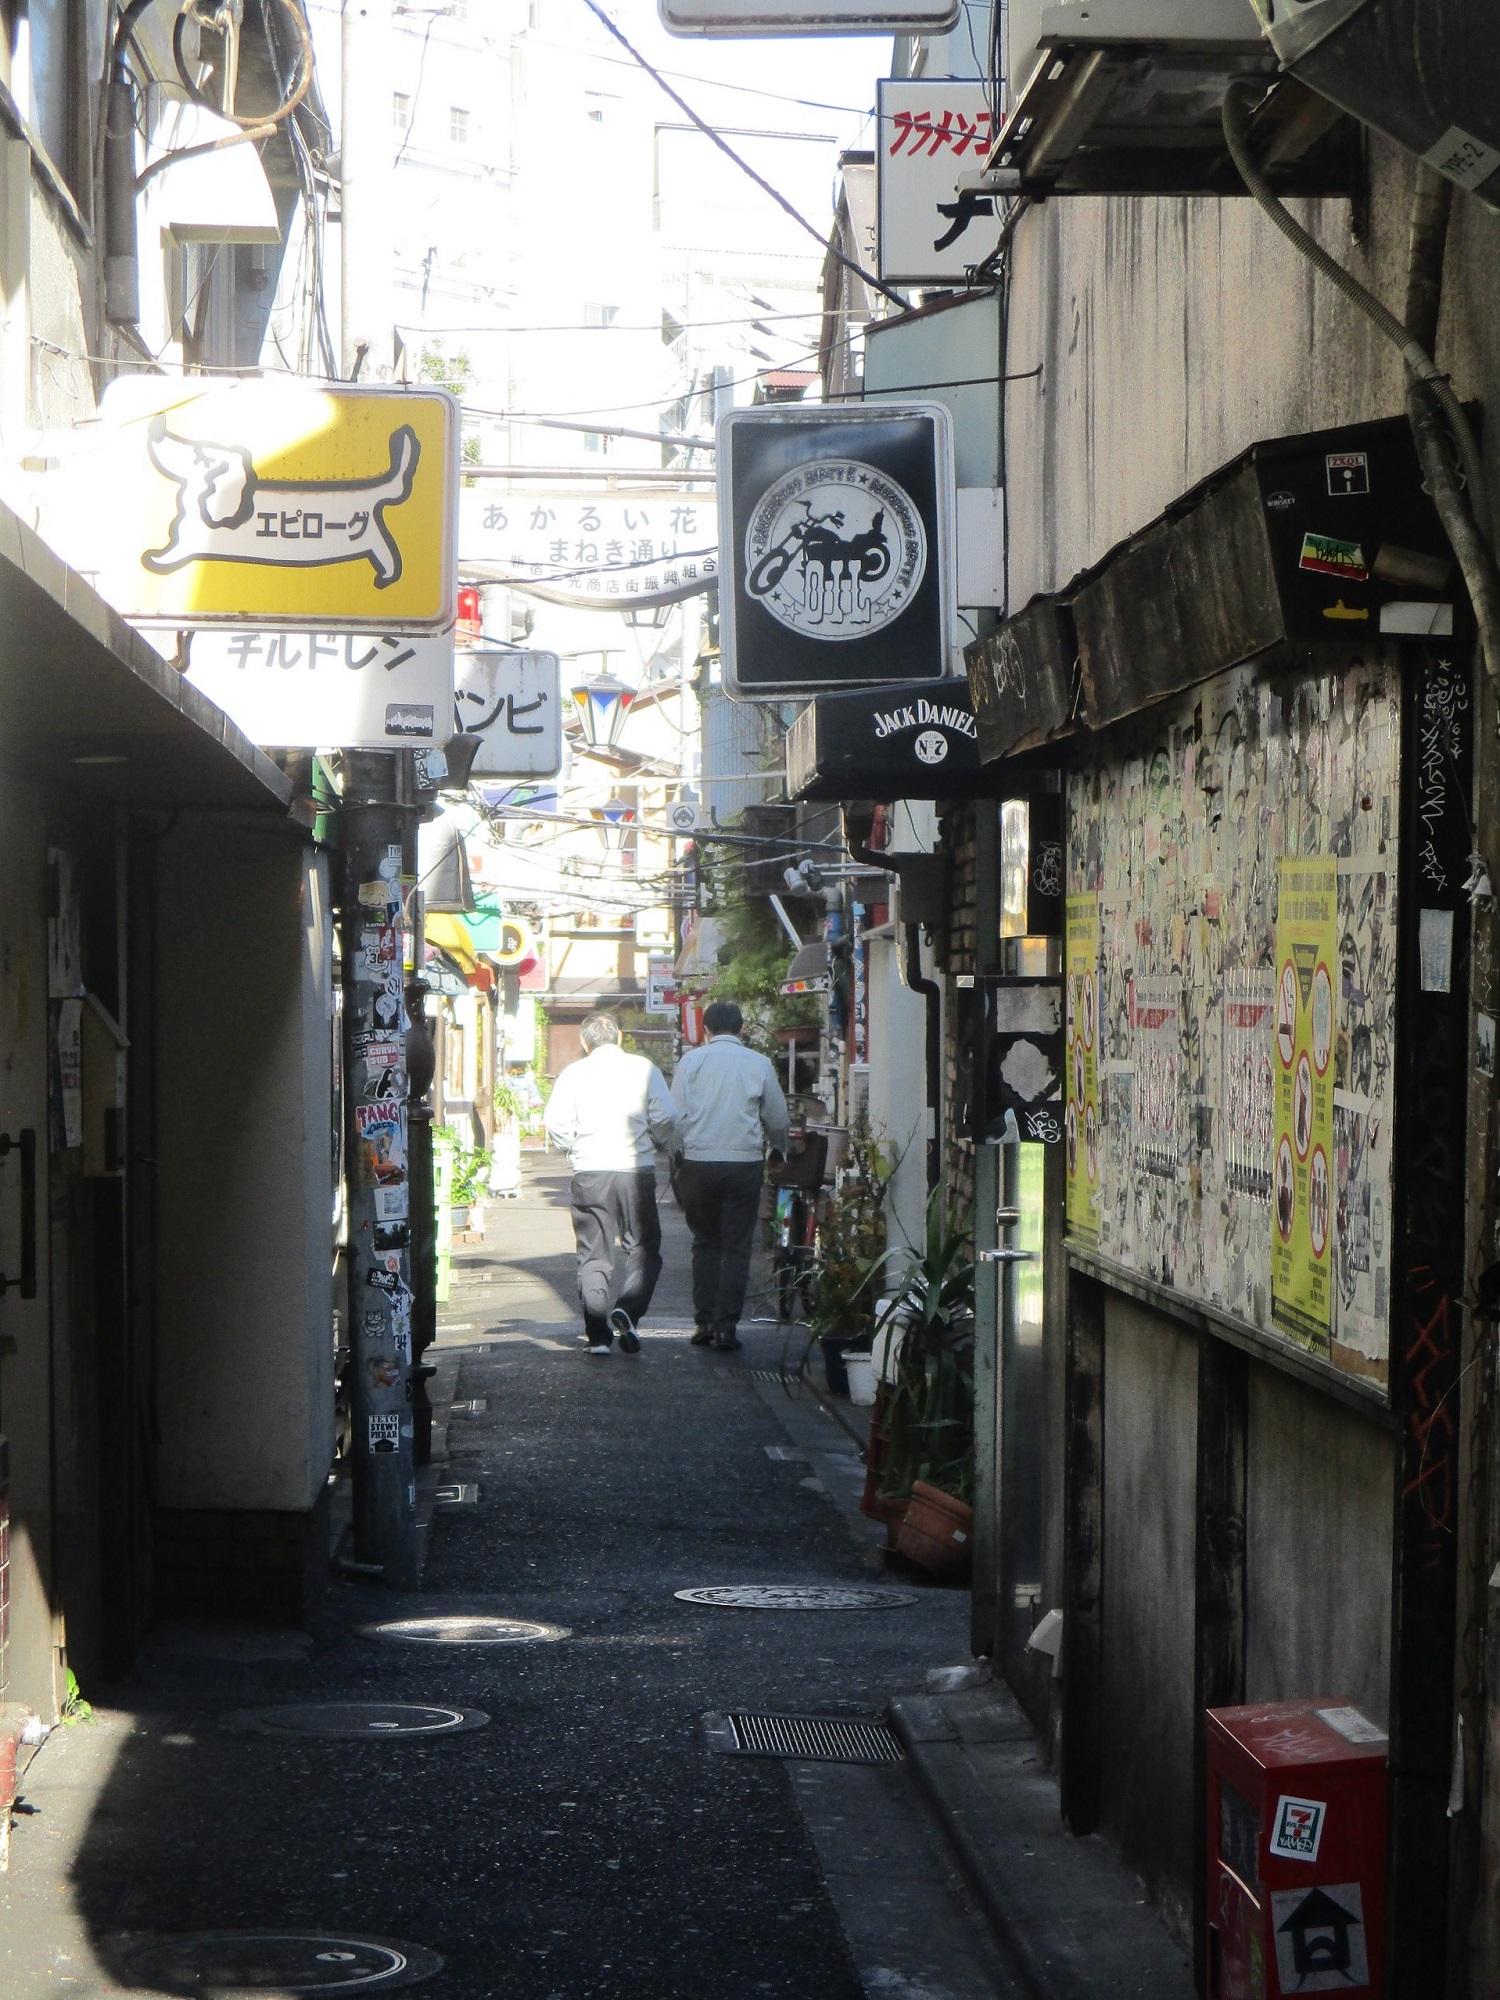 2019.12.16 (163) 新宿ゴールデン街 - まねきどおり 1500-2000